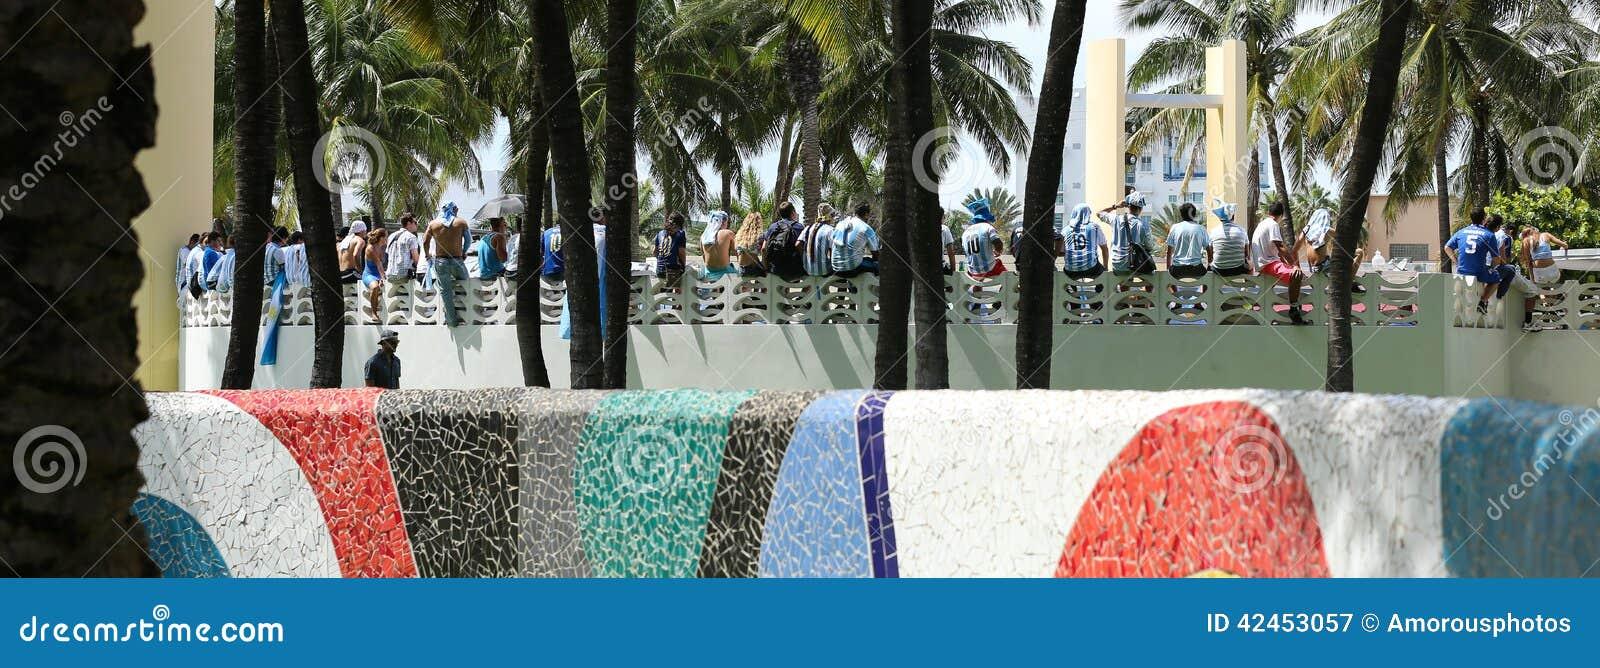 Argentinien-Fans, die auf Miami Beach feiern